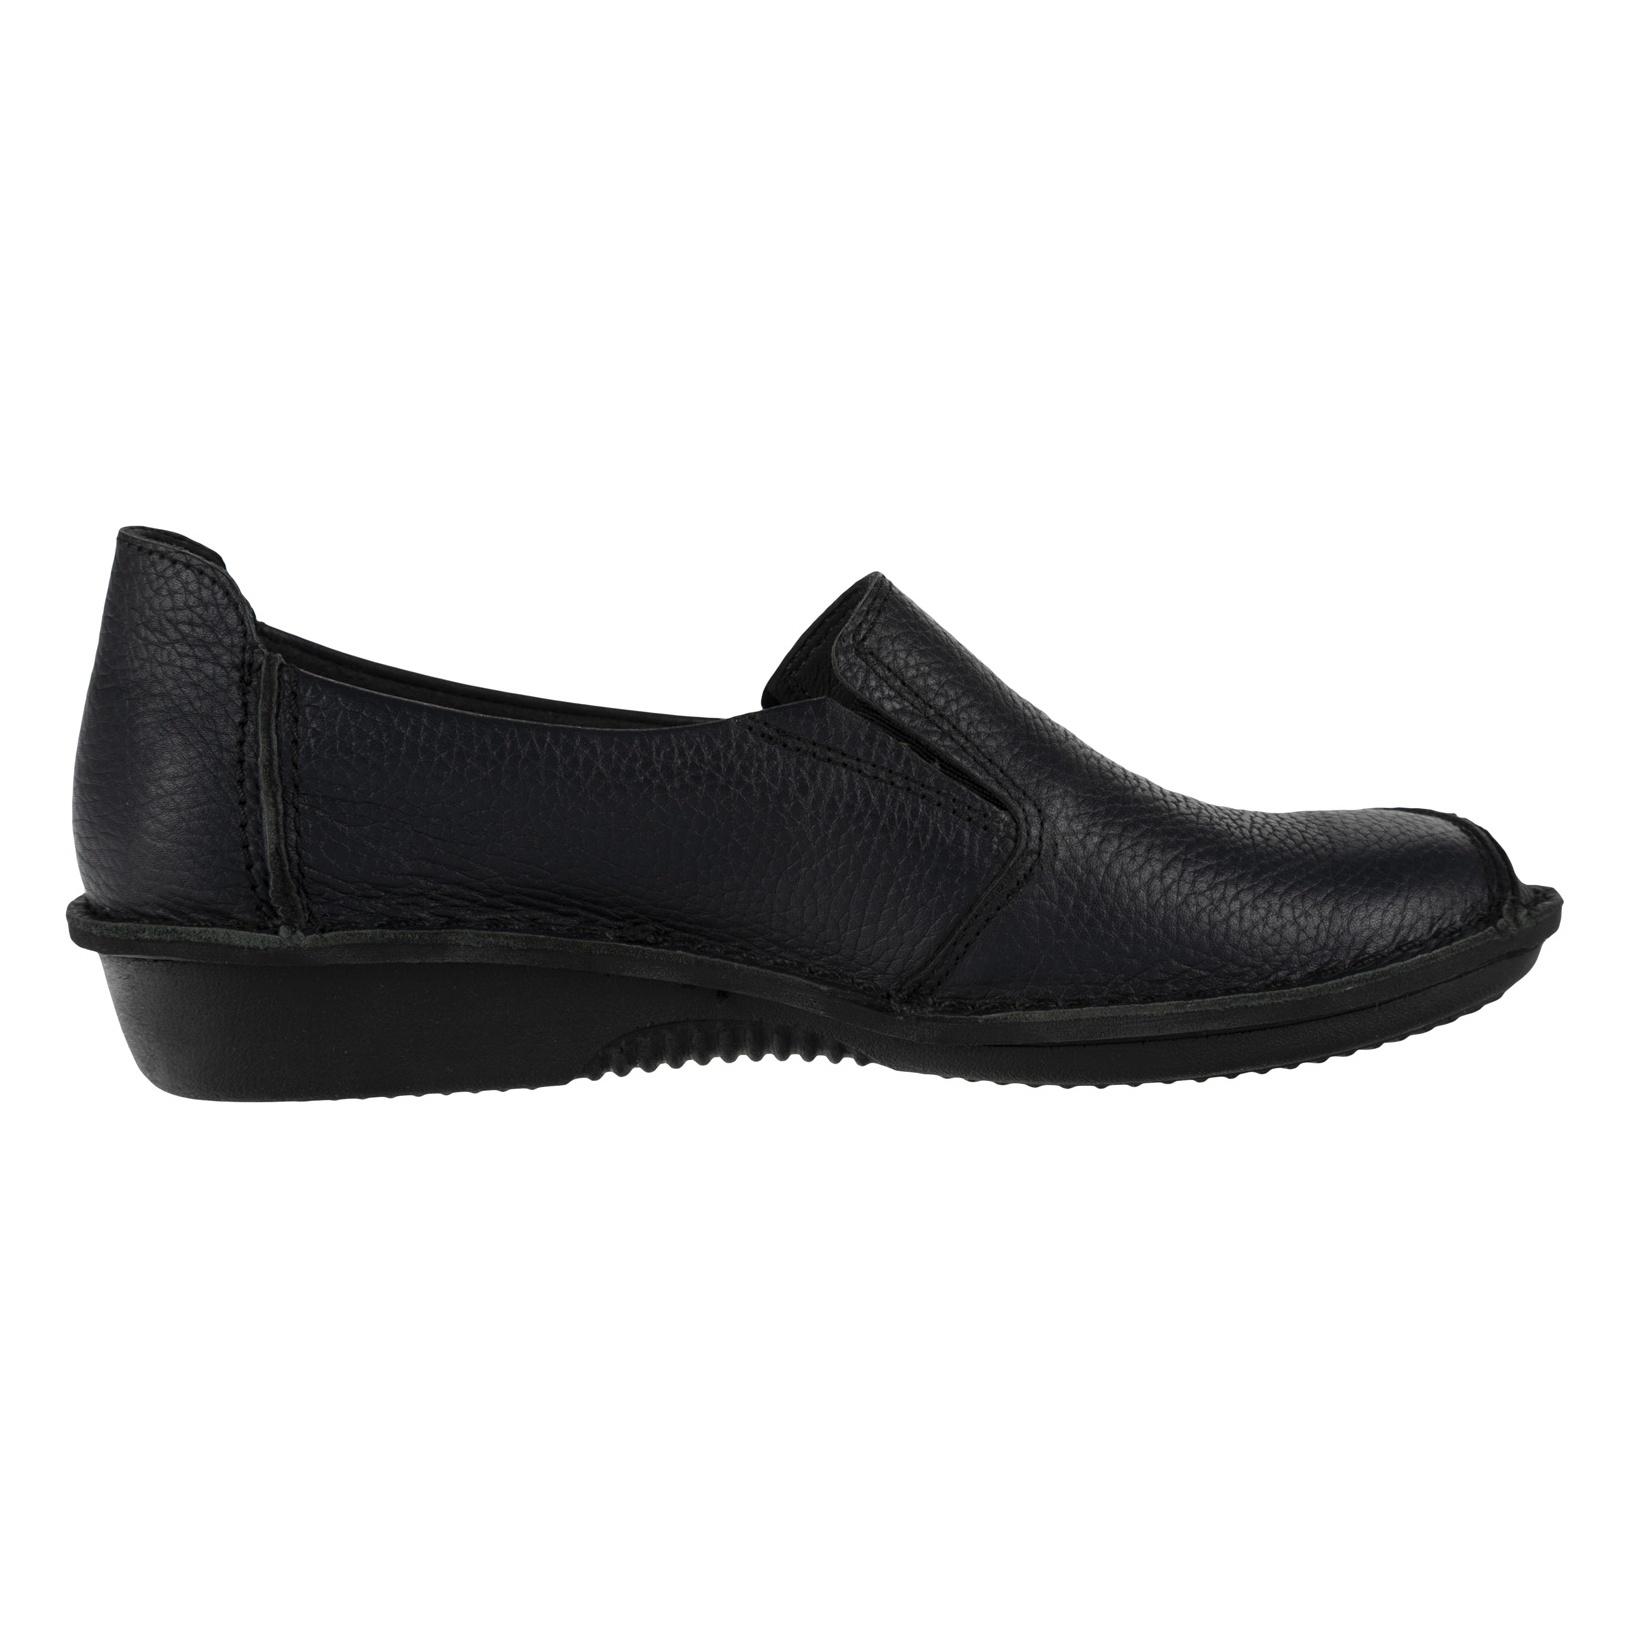 کفش روزمره زنانه دلفارد مدل DL5034F500-103 -  - 4